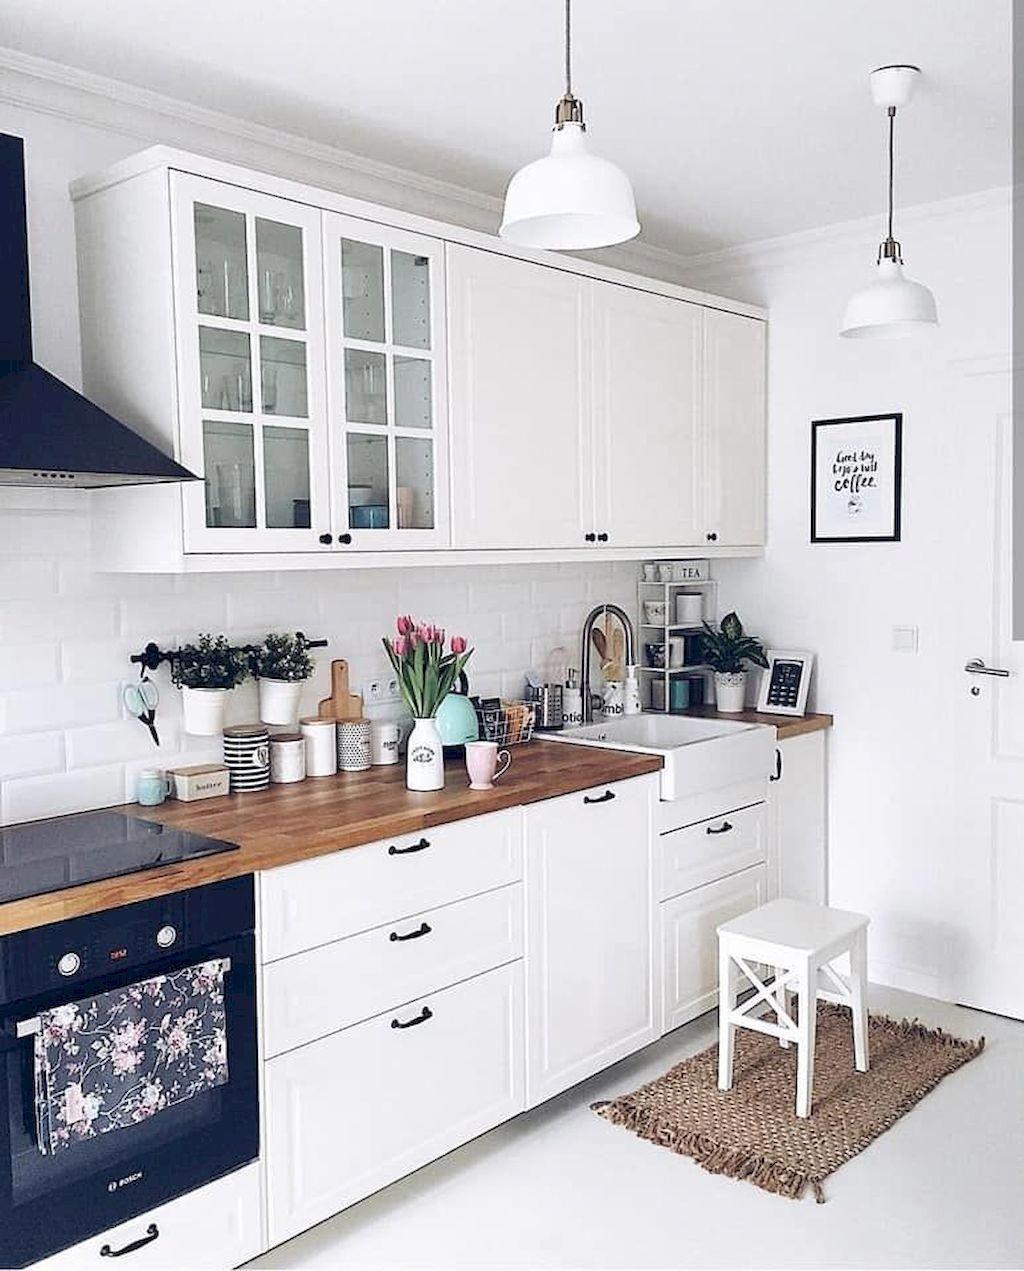 Homedecorideas Kitchen Decor Apartment Small Apartment Kitchen Small Apartment Kitchen Decor